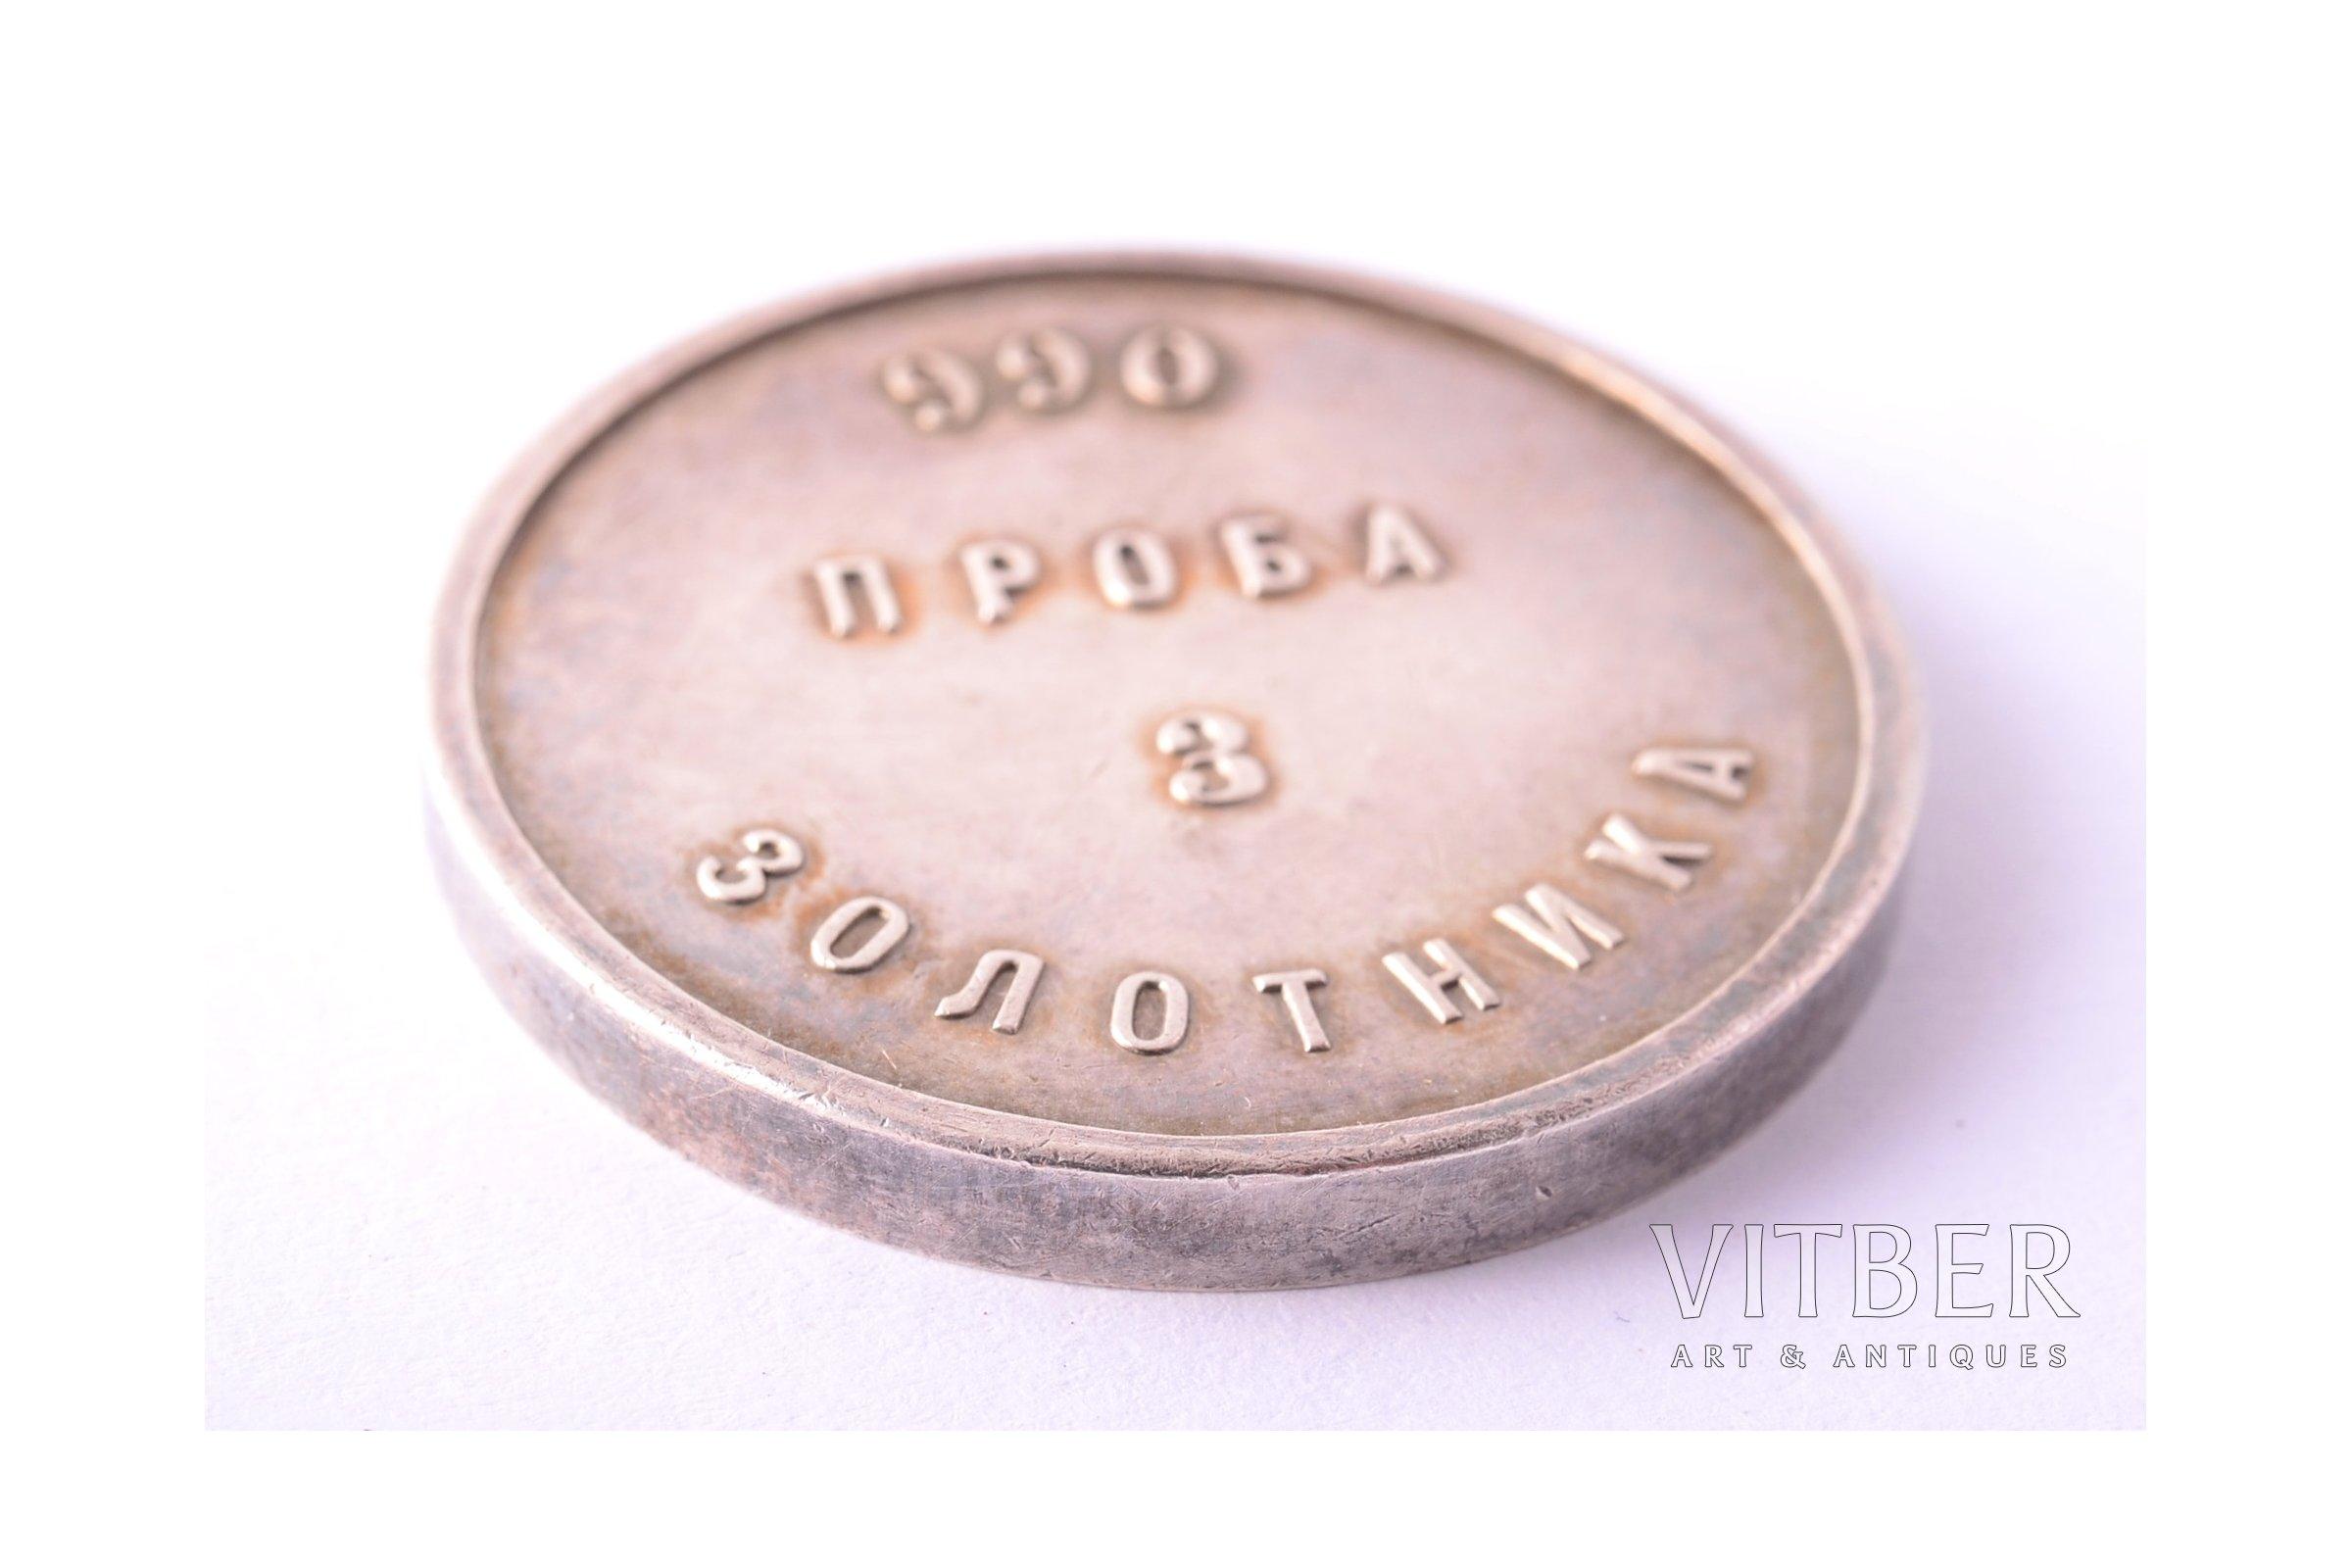 3 zolotnik, AD, silver ingot, 990 standard, silver, Russia